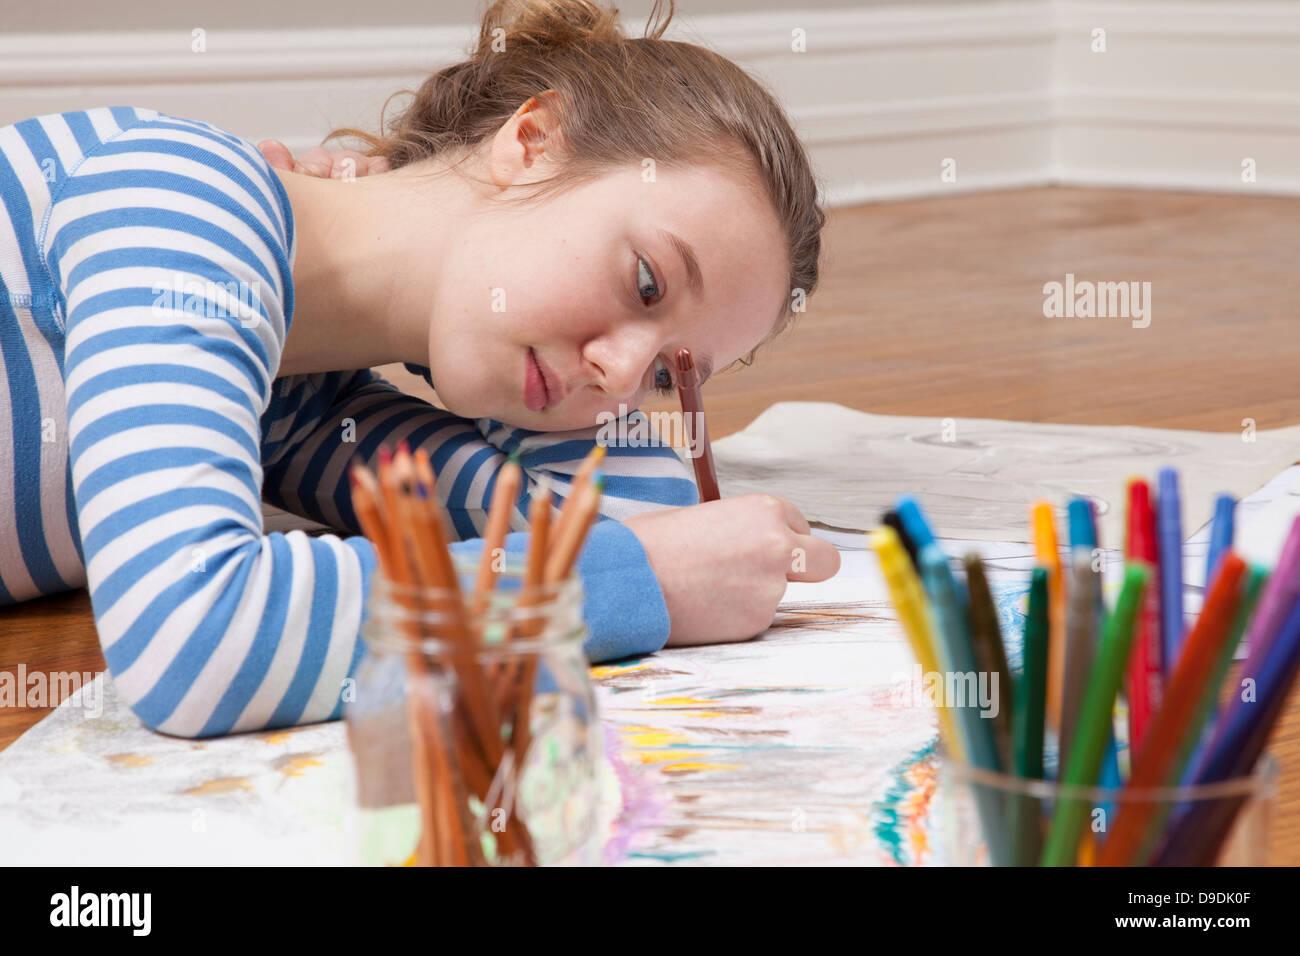 Chica acostado en el piso la imagen de dibujo Imagen De Stock